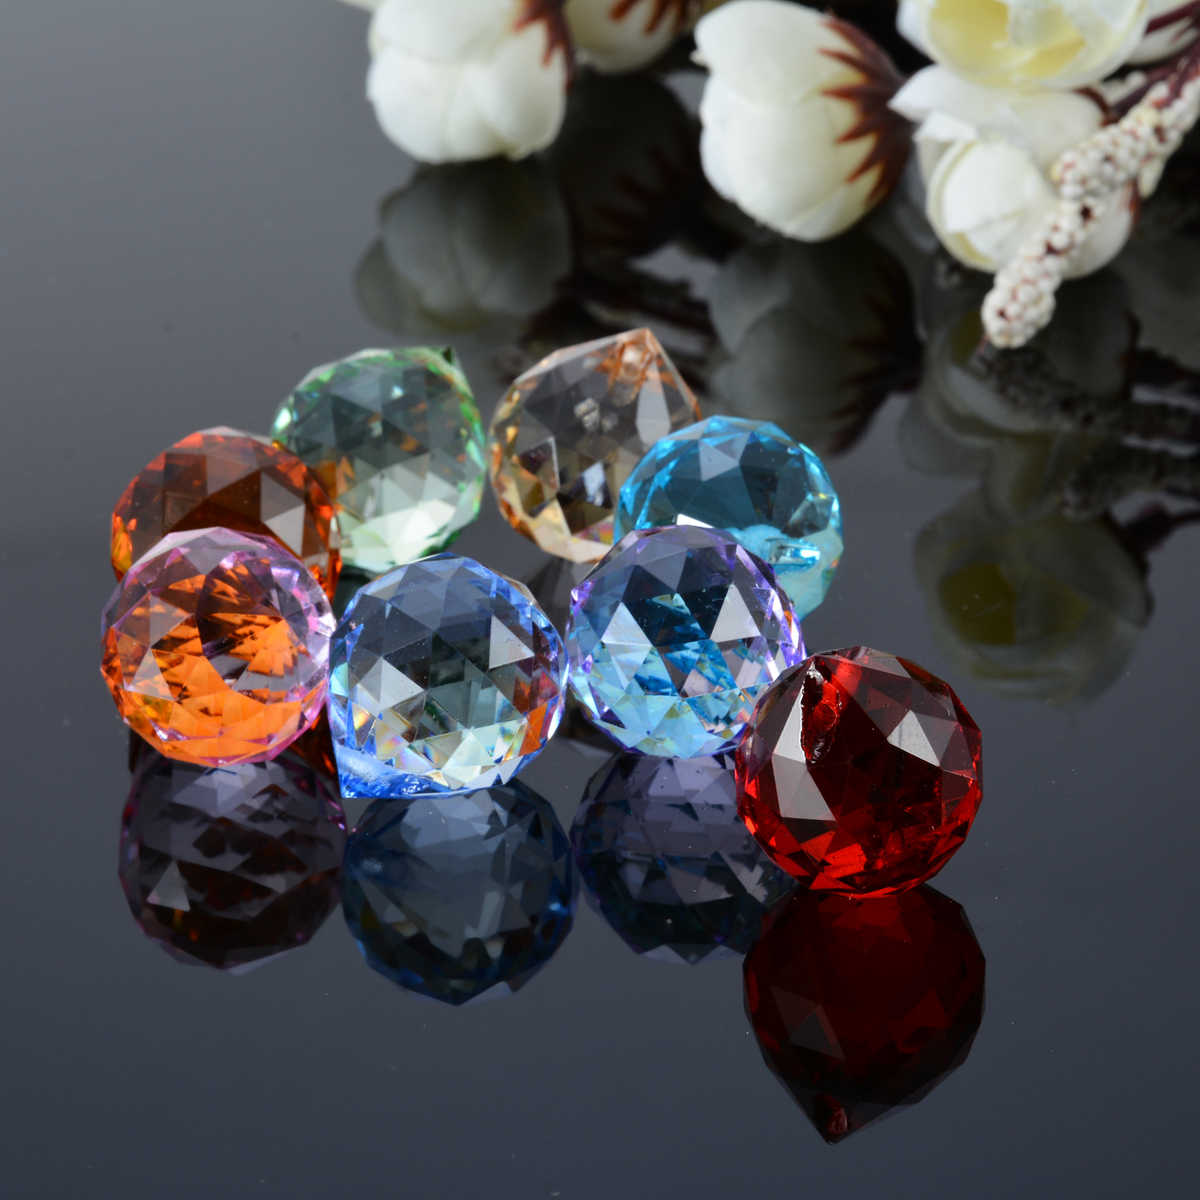 8 шт. подвеска в иде сияющего кристалла, радужная люстра, лампа, часть шара призмы, подвешивание, Висячие висячие украшения для дома